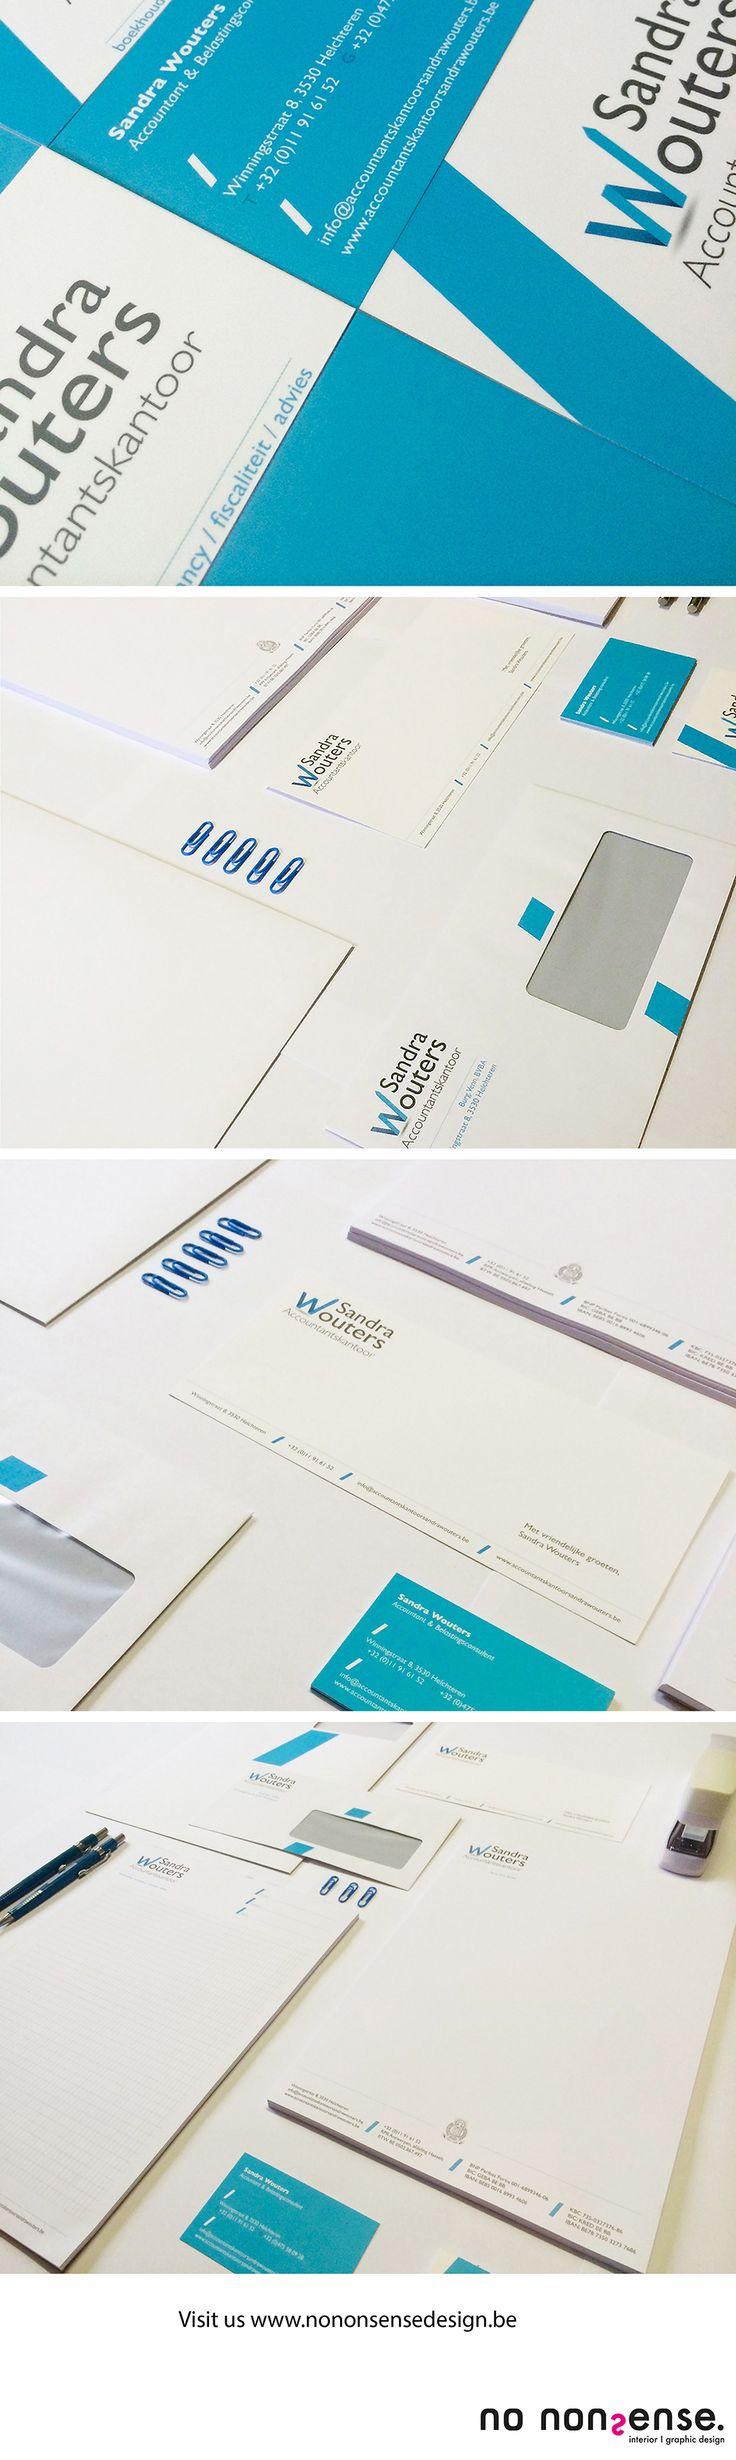 Logo en huisstijlontwerp voor accountantskantoor Sandra Wouters. #corporateidentity #corporatedesign #branddesign #logo #huisstijl #grafischevormgeving